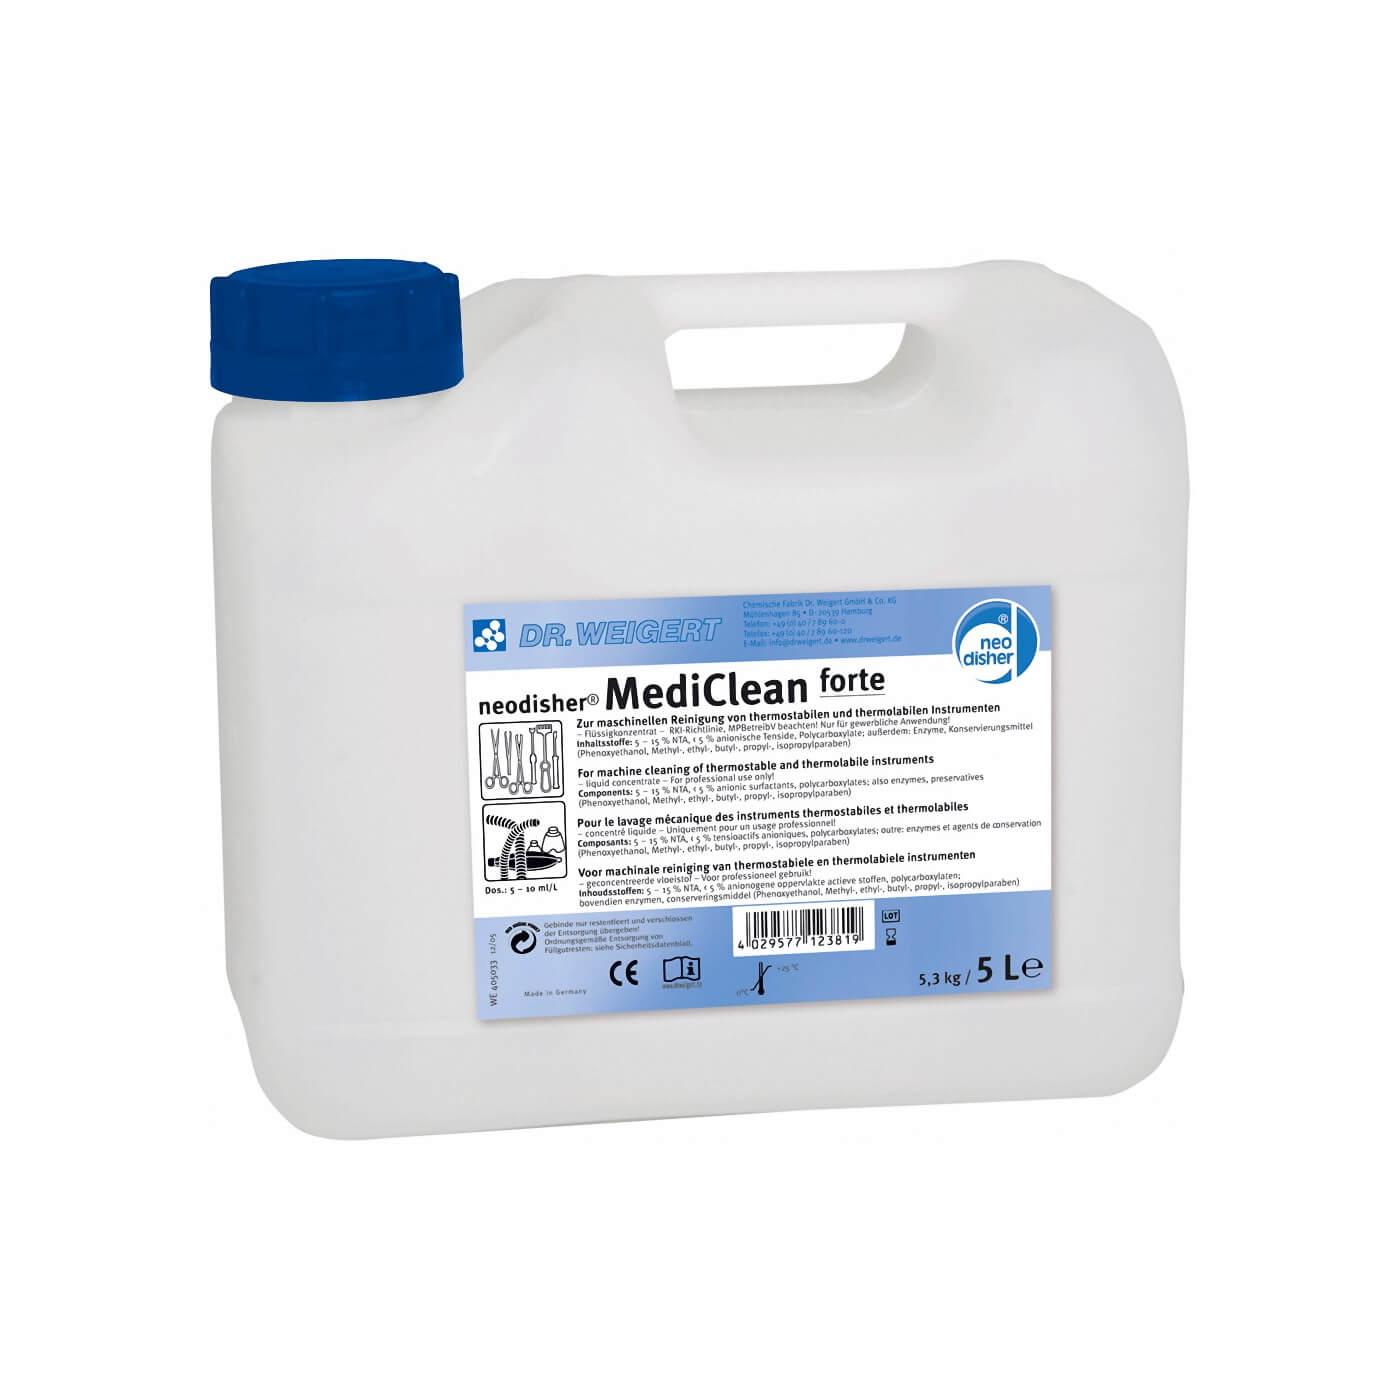 Image of Neodisher MediClean forte, rengøringsmiddel til rengøring af kiruigeske instrumenter, 5 l